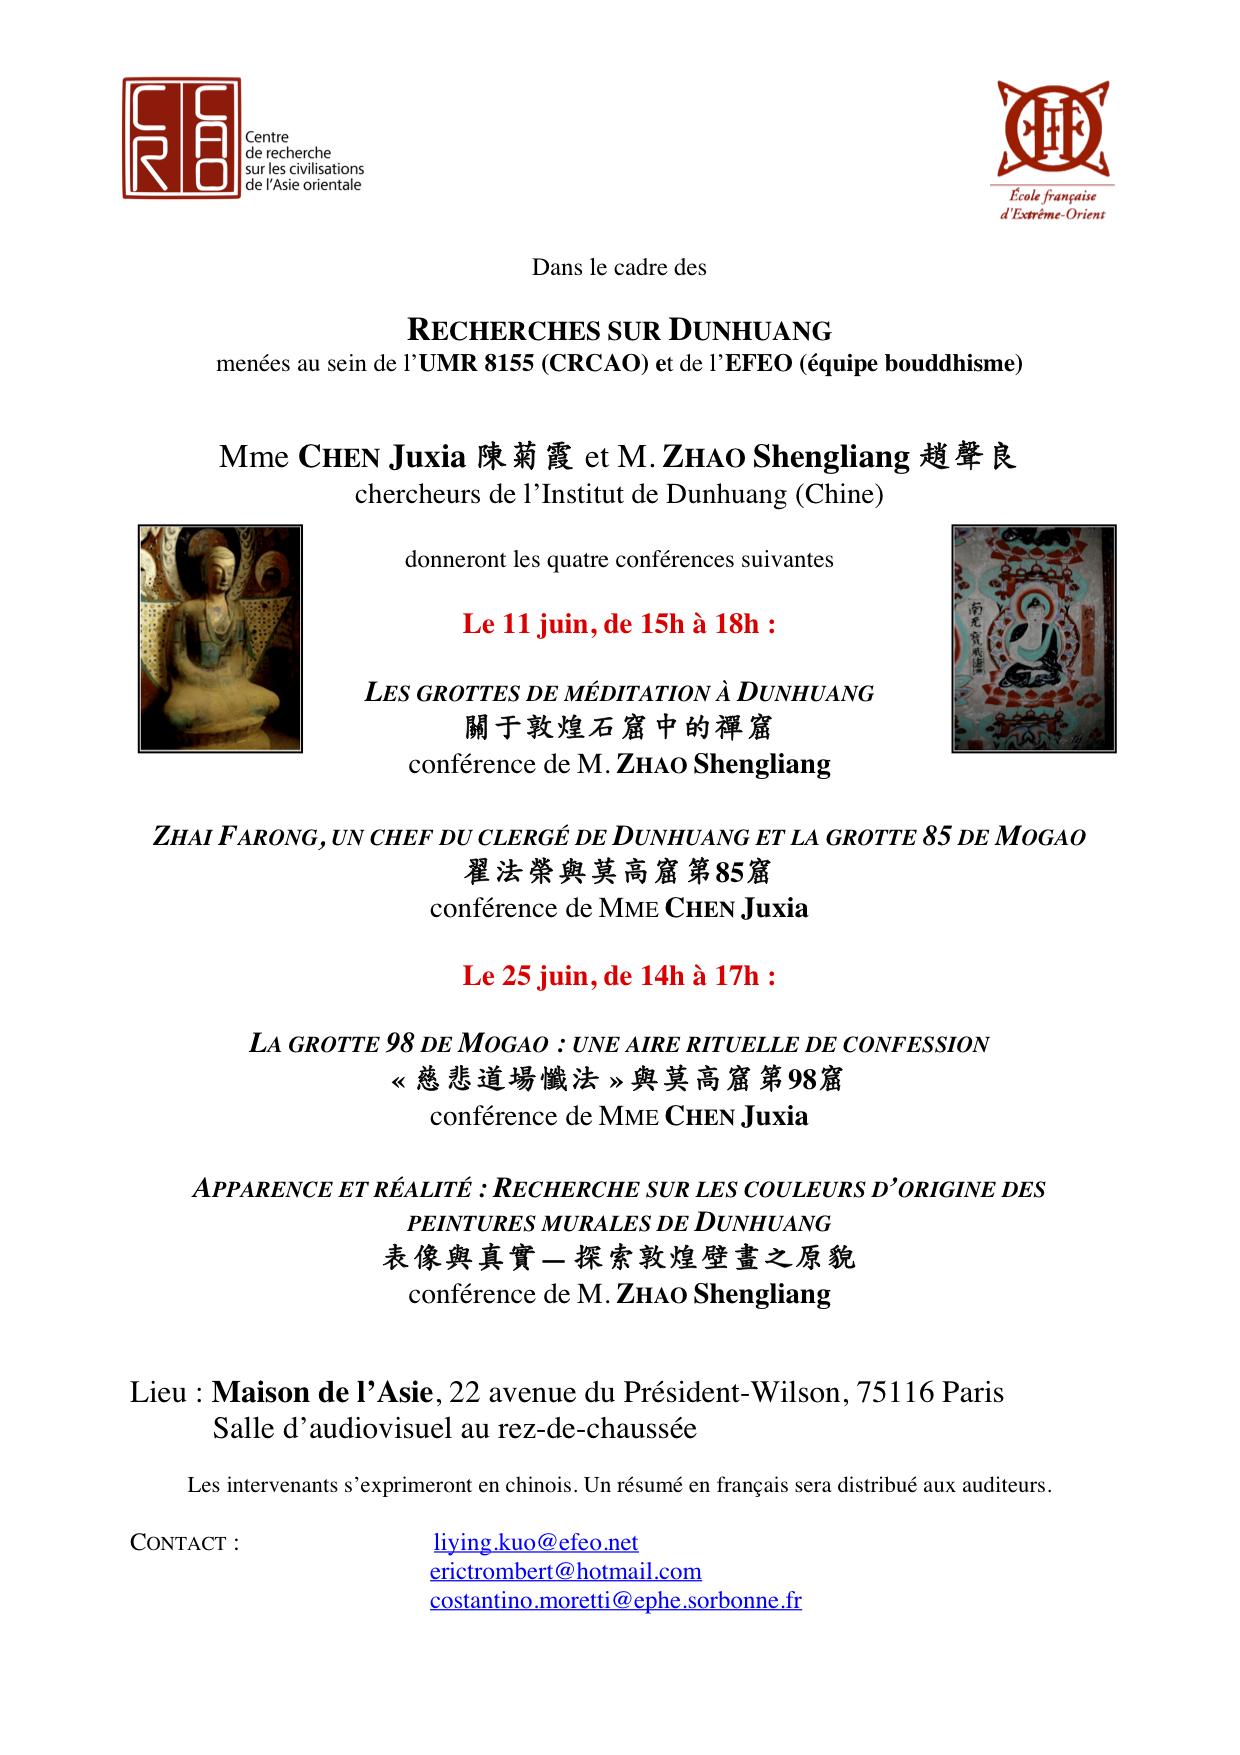 Recherches sur Dunhuang 2012